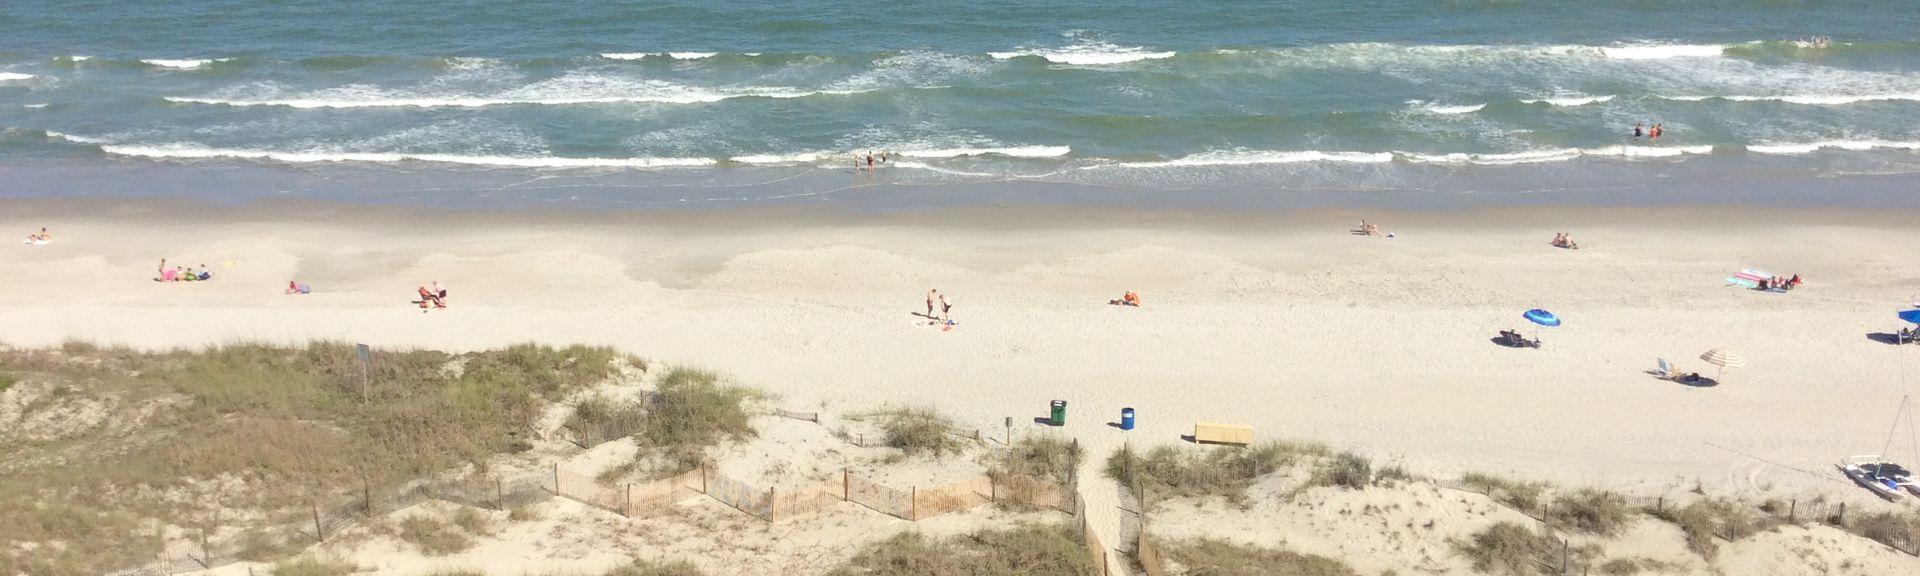 A Place at the Beach I (Myrtle Beach, Caroline du Sud, États-Unis d'Amérique)